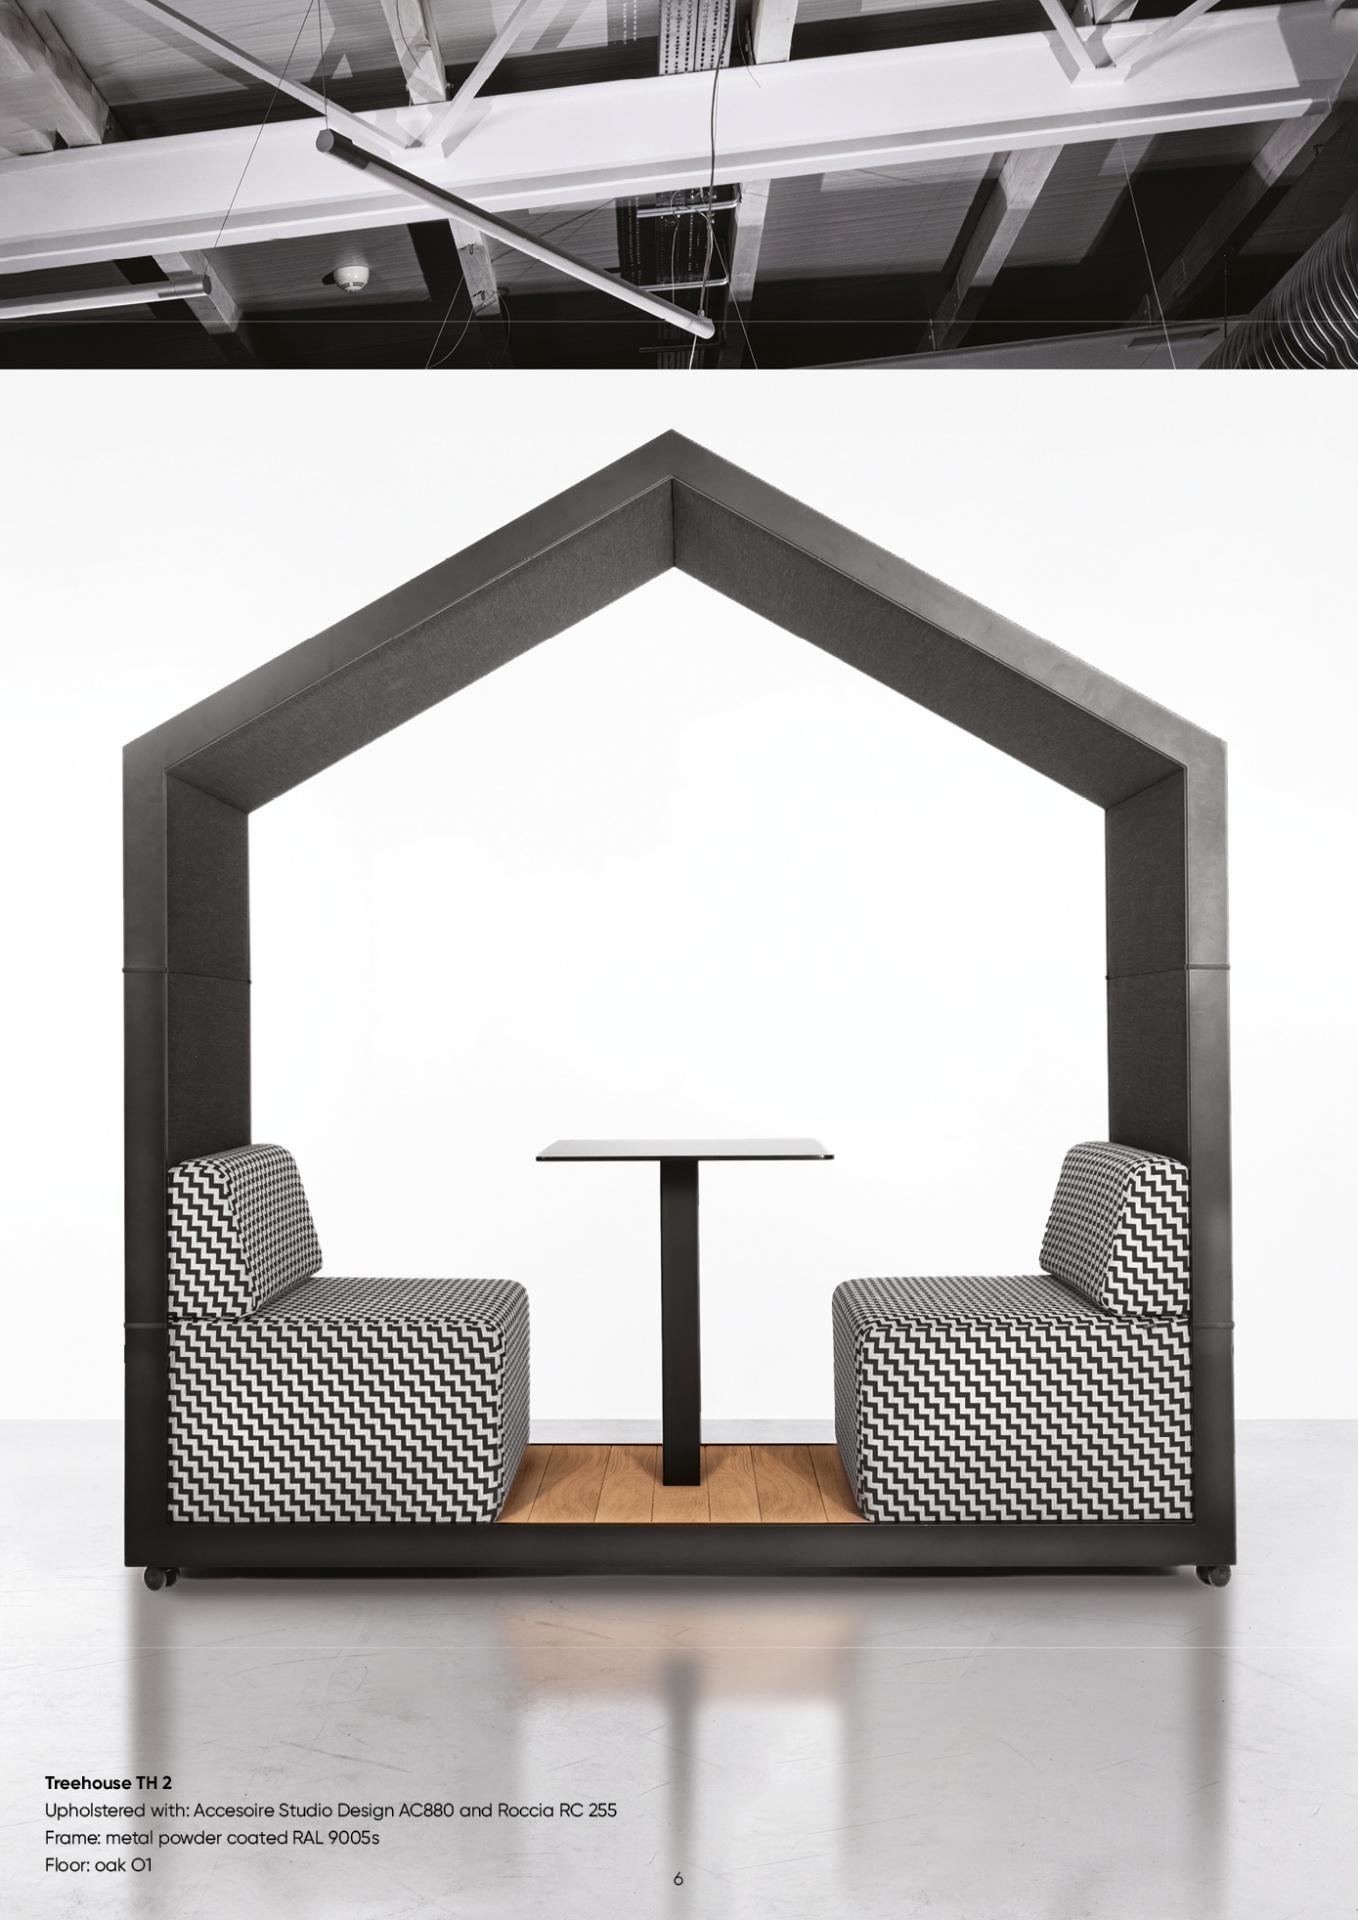 treehouse-catalogue-6.jpg